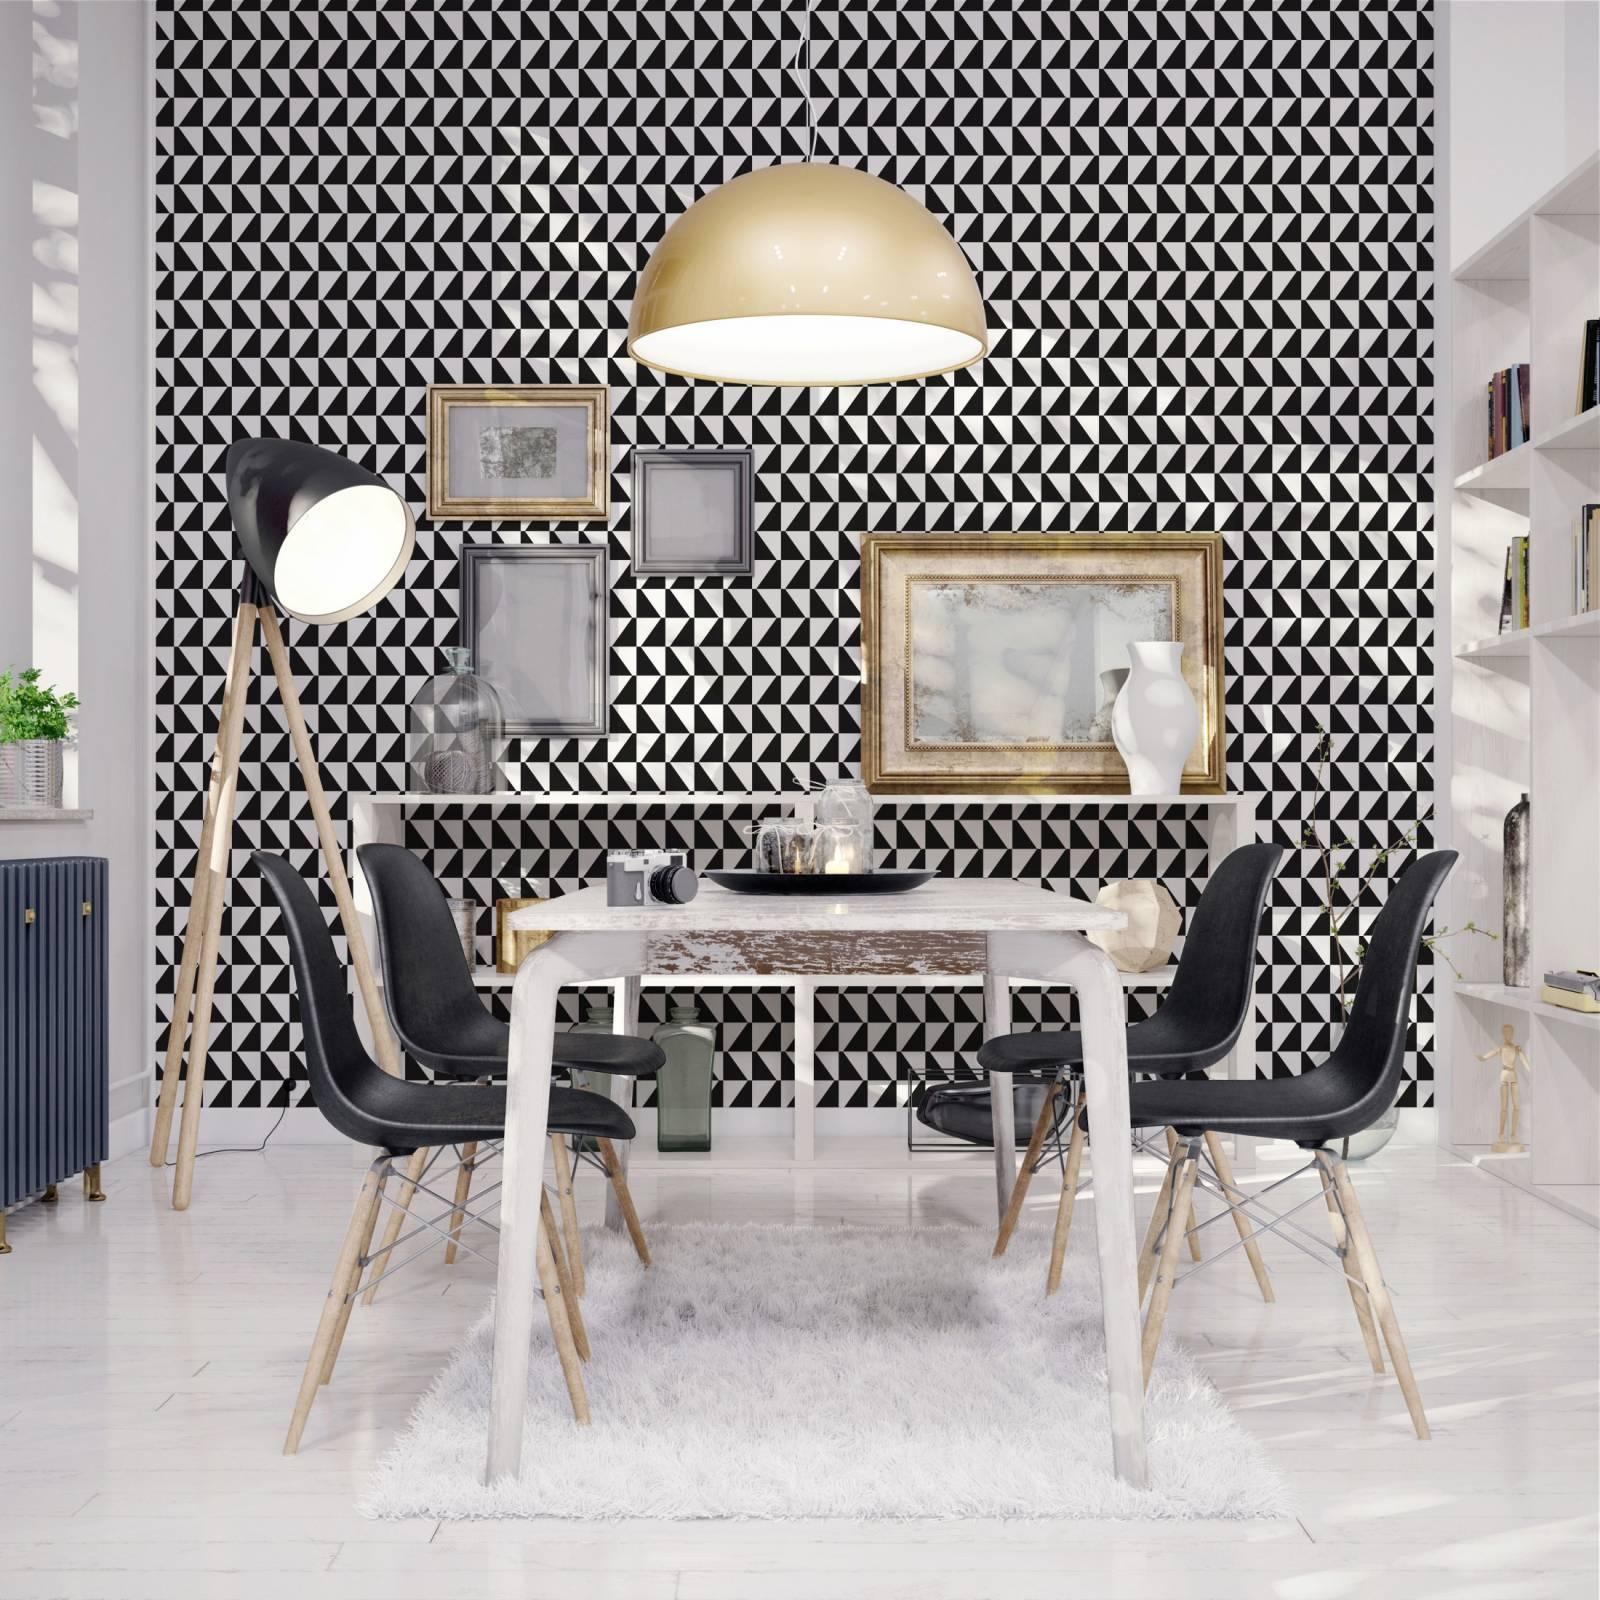 Papel de Parede Geometrico Preto e Branco | Adesivo Vinilico imagem 2